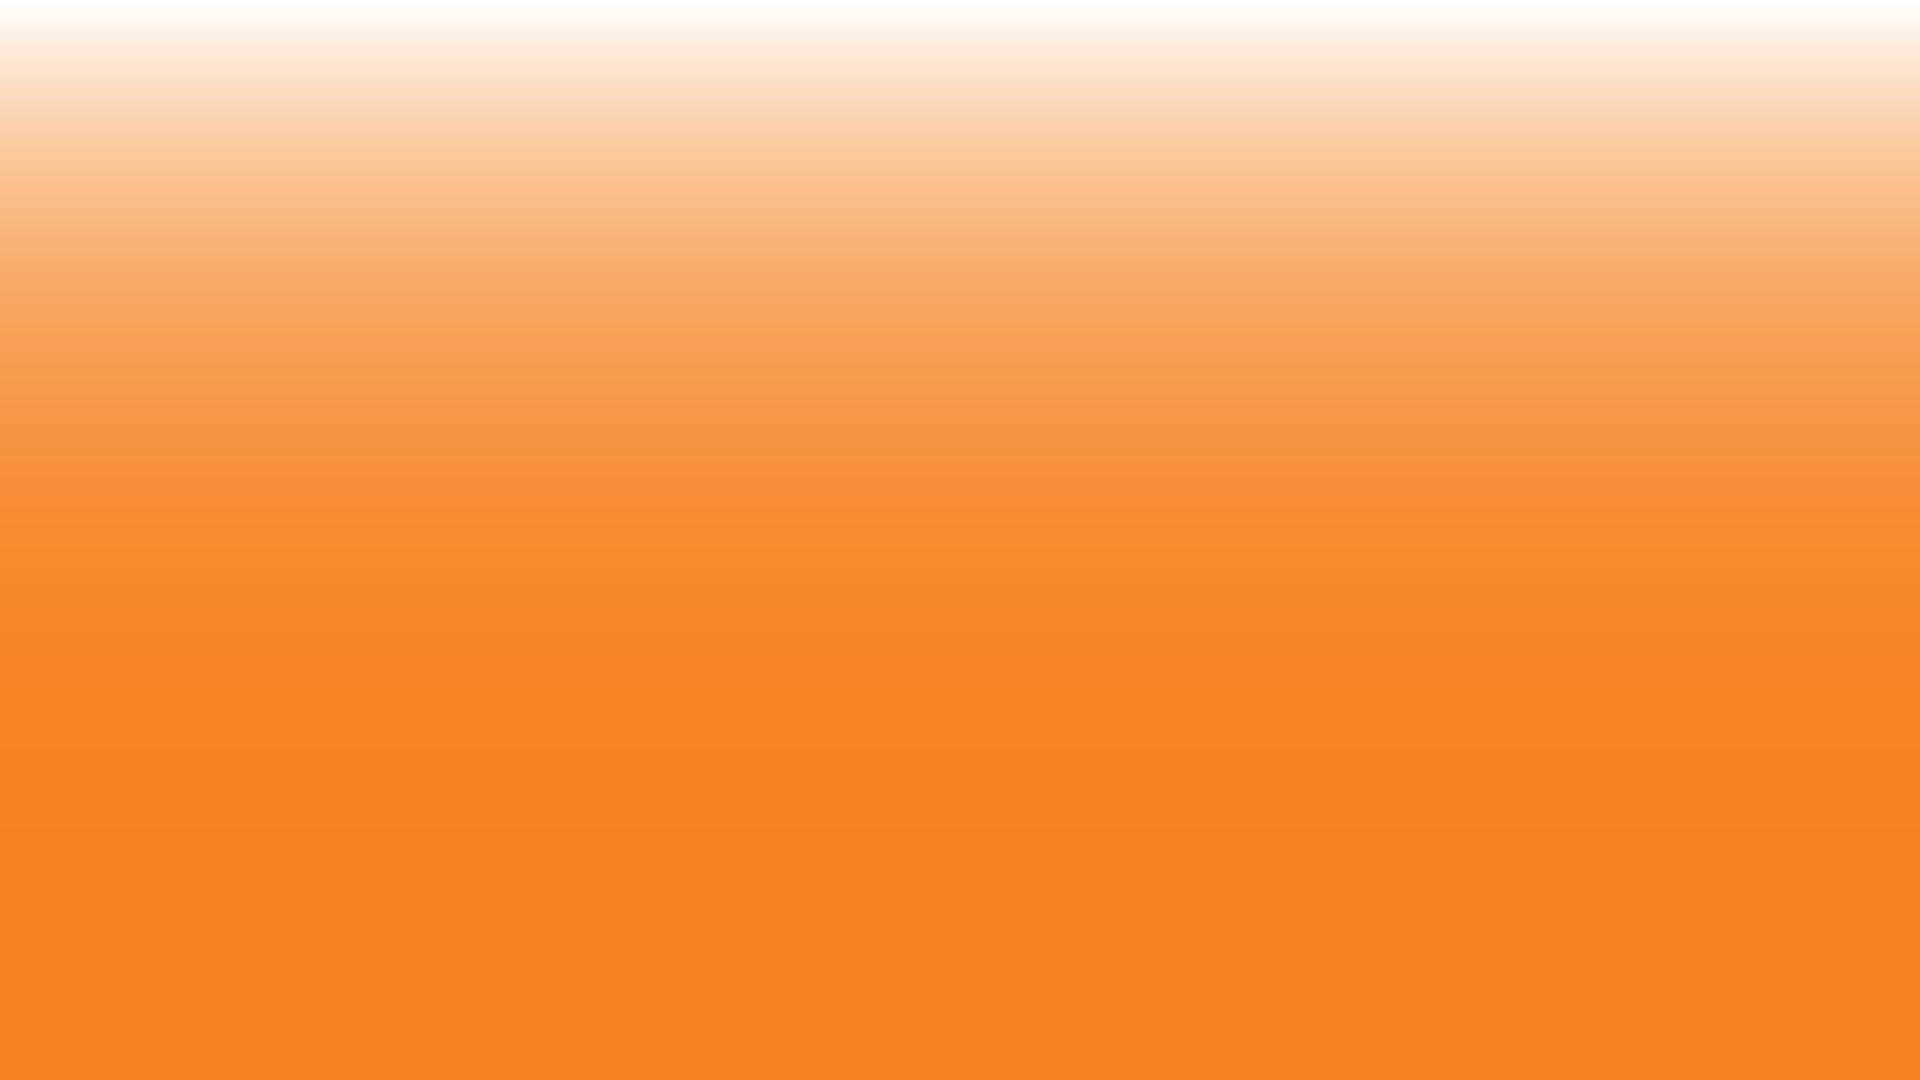 Website-Gradient-Block-Orange.png